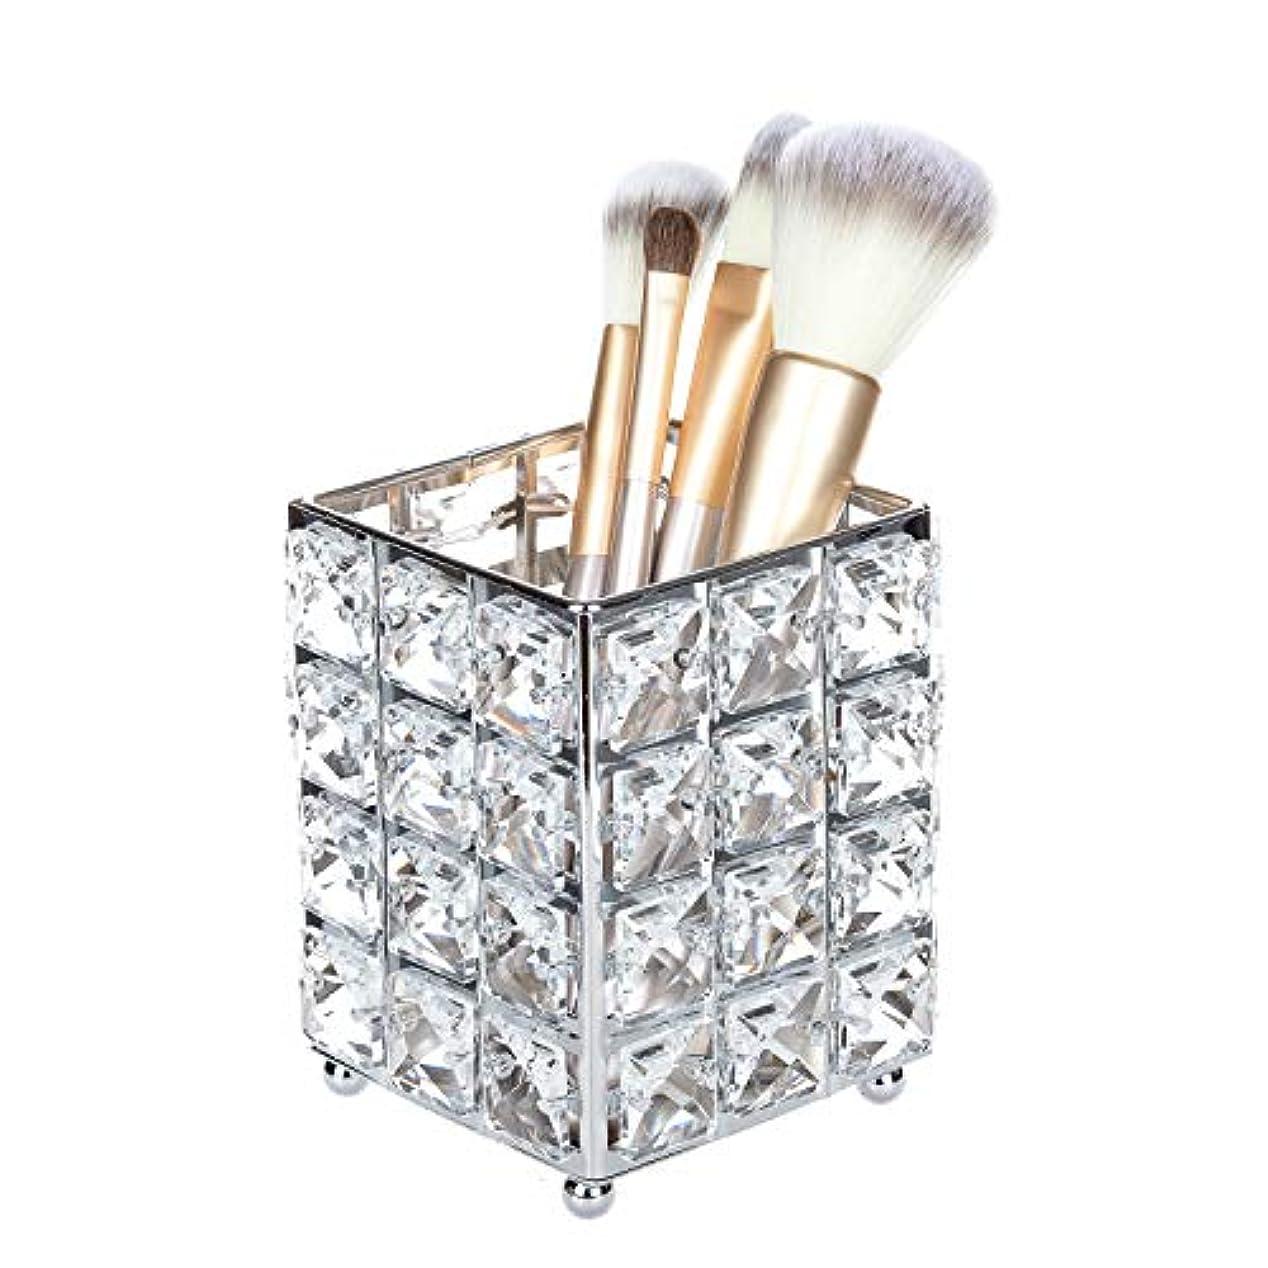 伝導率迷信チーフFeyarl メイクブラシケース ブラシスタンド 化粧ブラシホルダー 化粧ブラシ収納 ブラシ入れ 小物収納 方形 シルバー